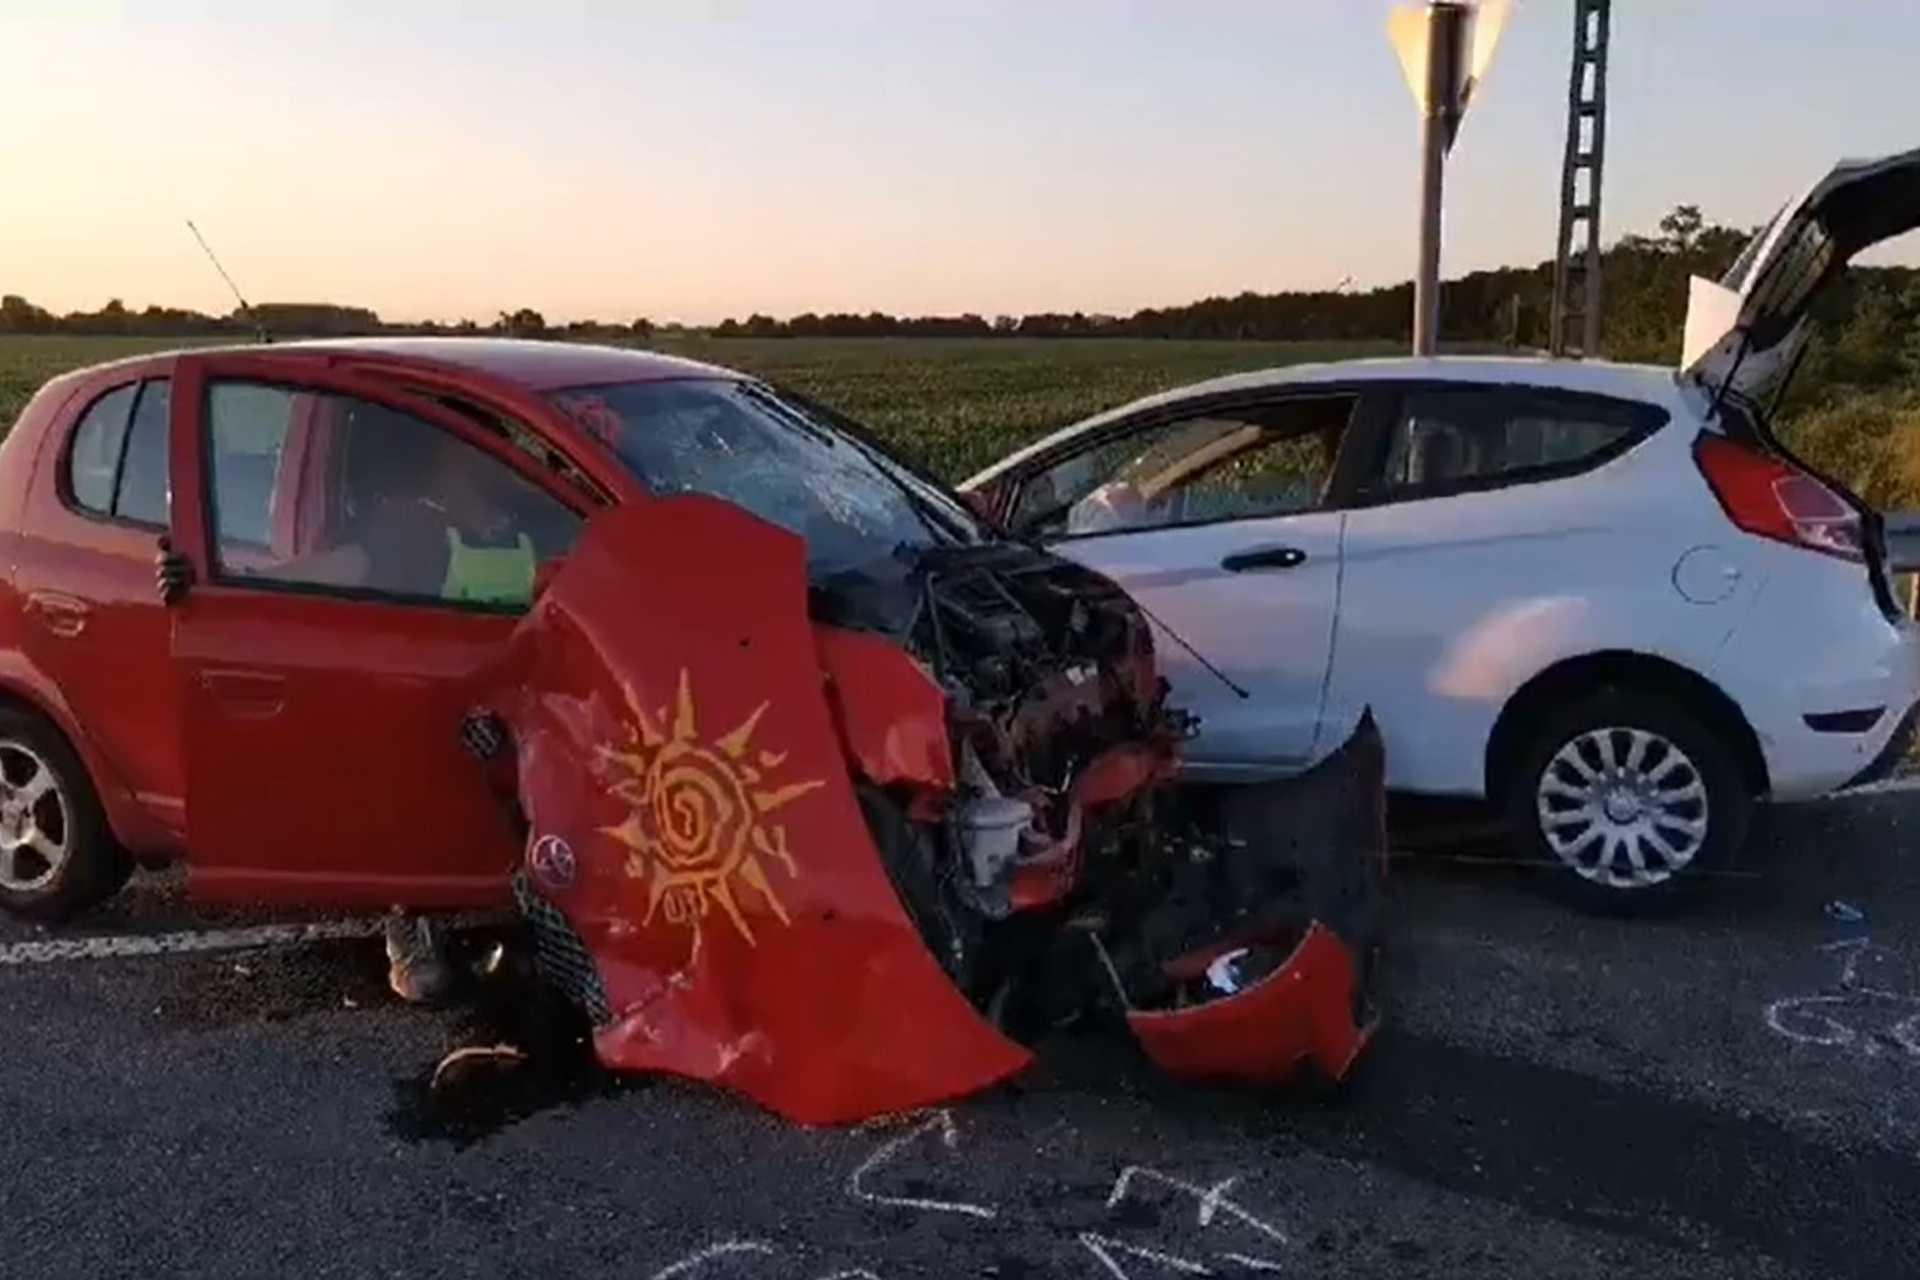 Nem használta a biztonsági övet, kirepült és életveszélyesen megsérült a balesetet okozó sofőr Sárvárnál